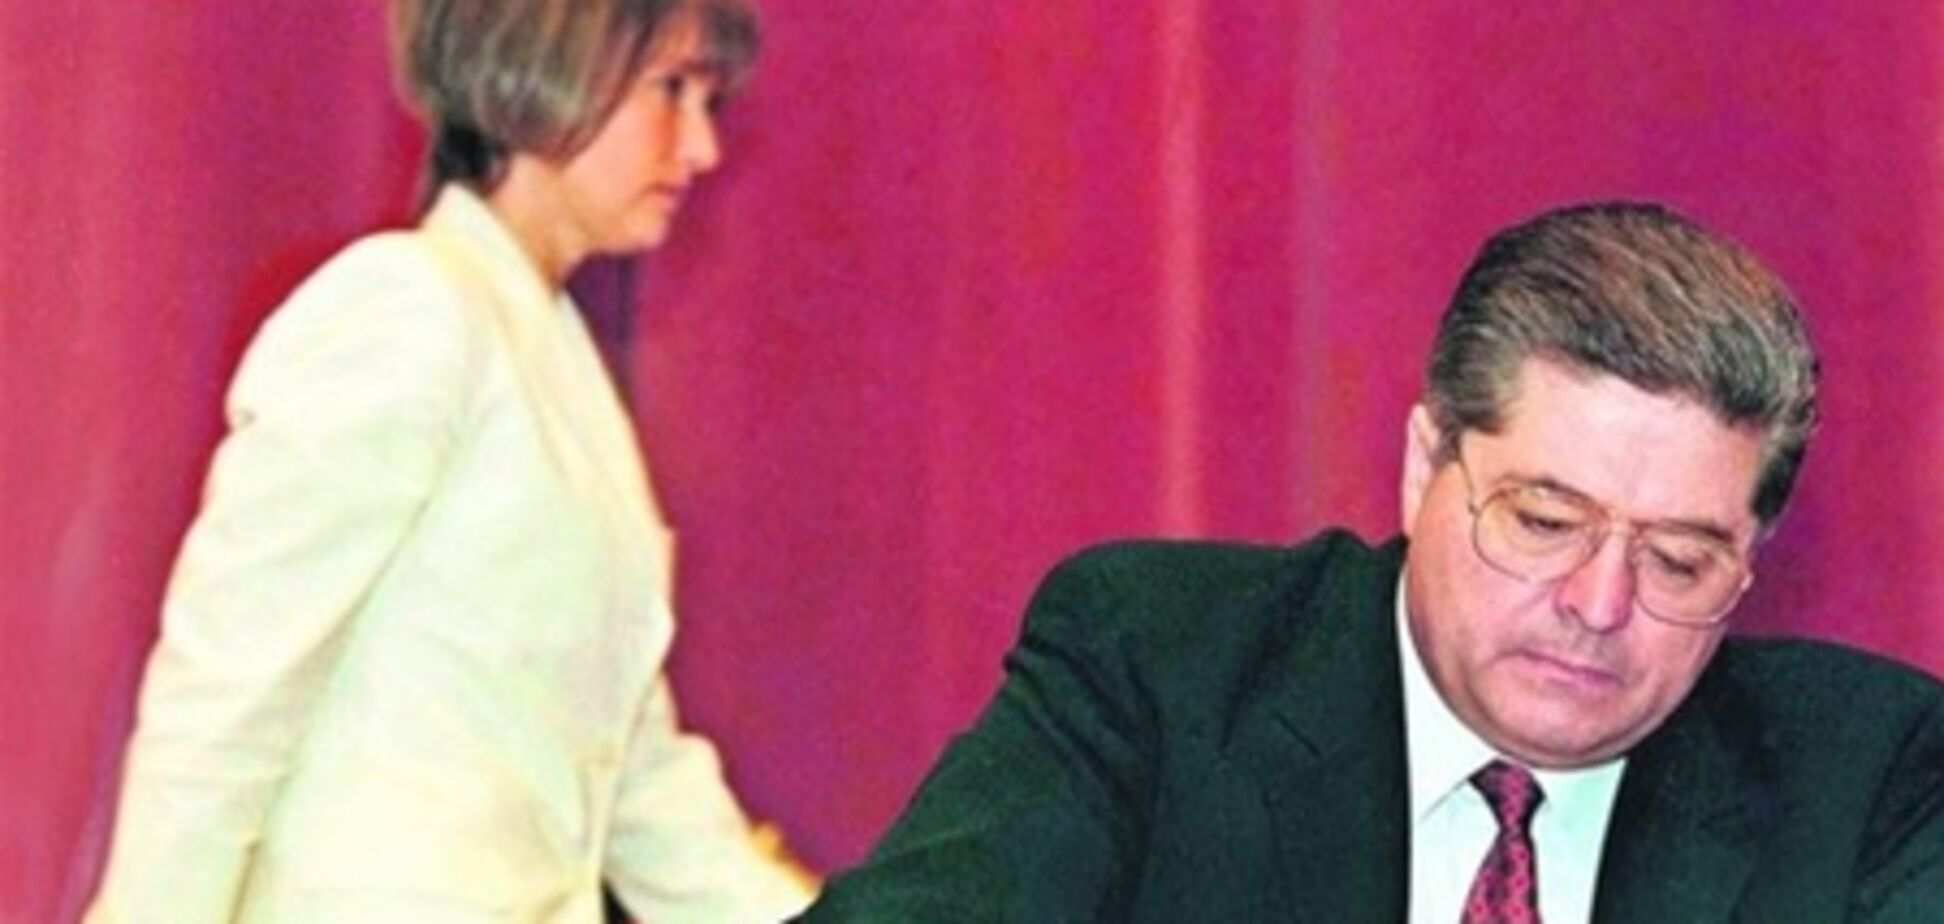 Забытые страницы из прошлой жизни Лазаренко и Тимошенко. Документ